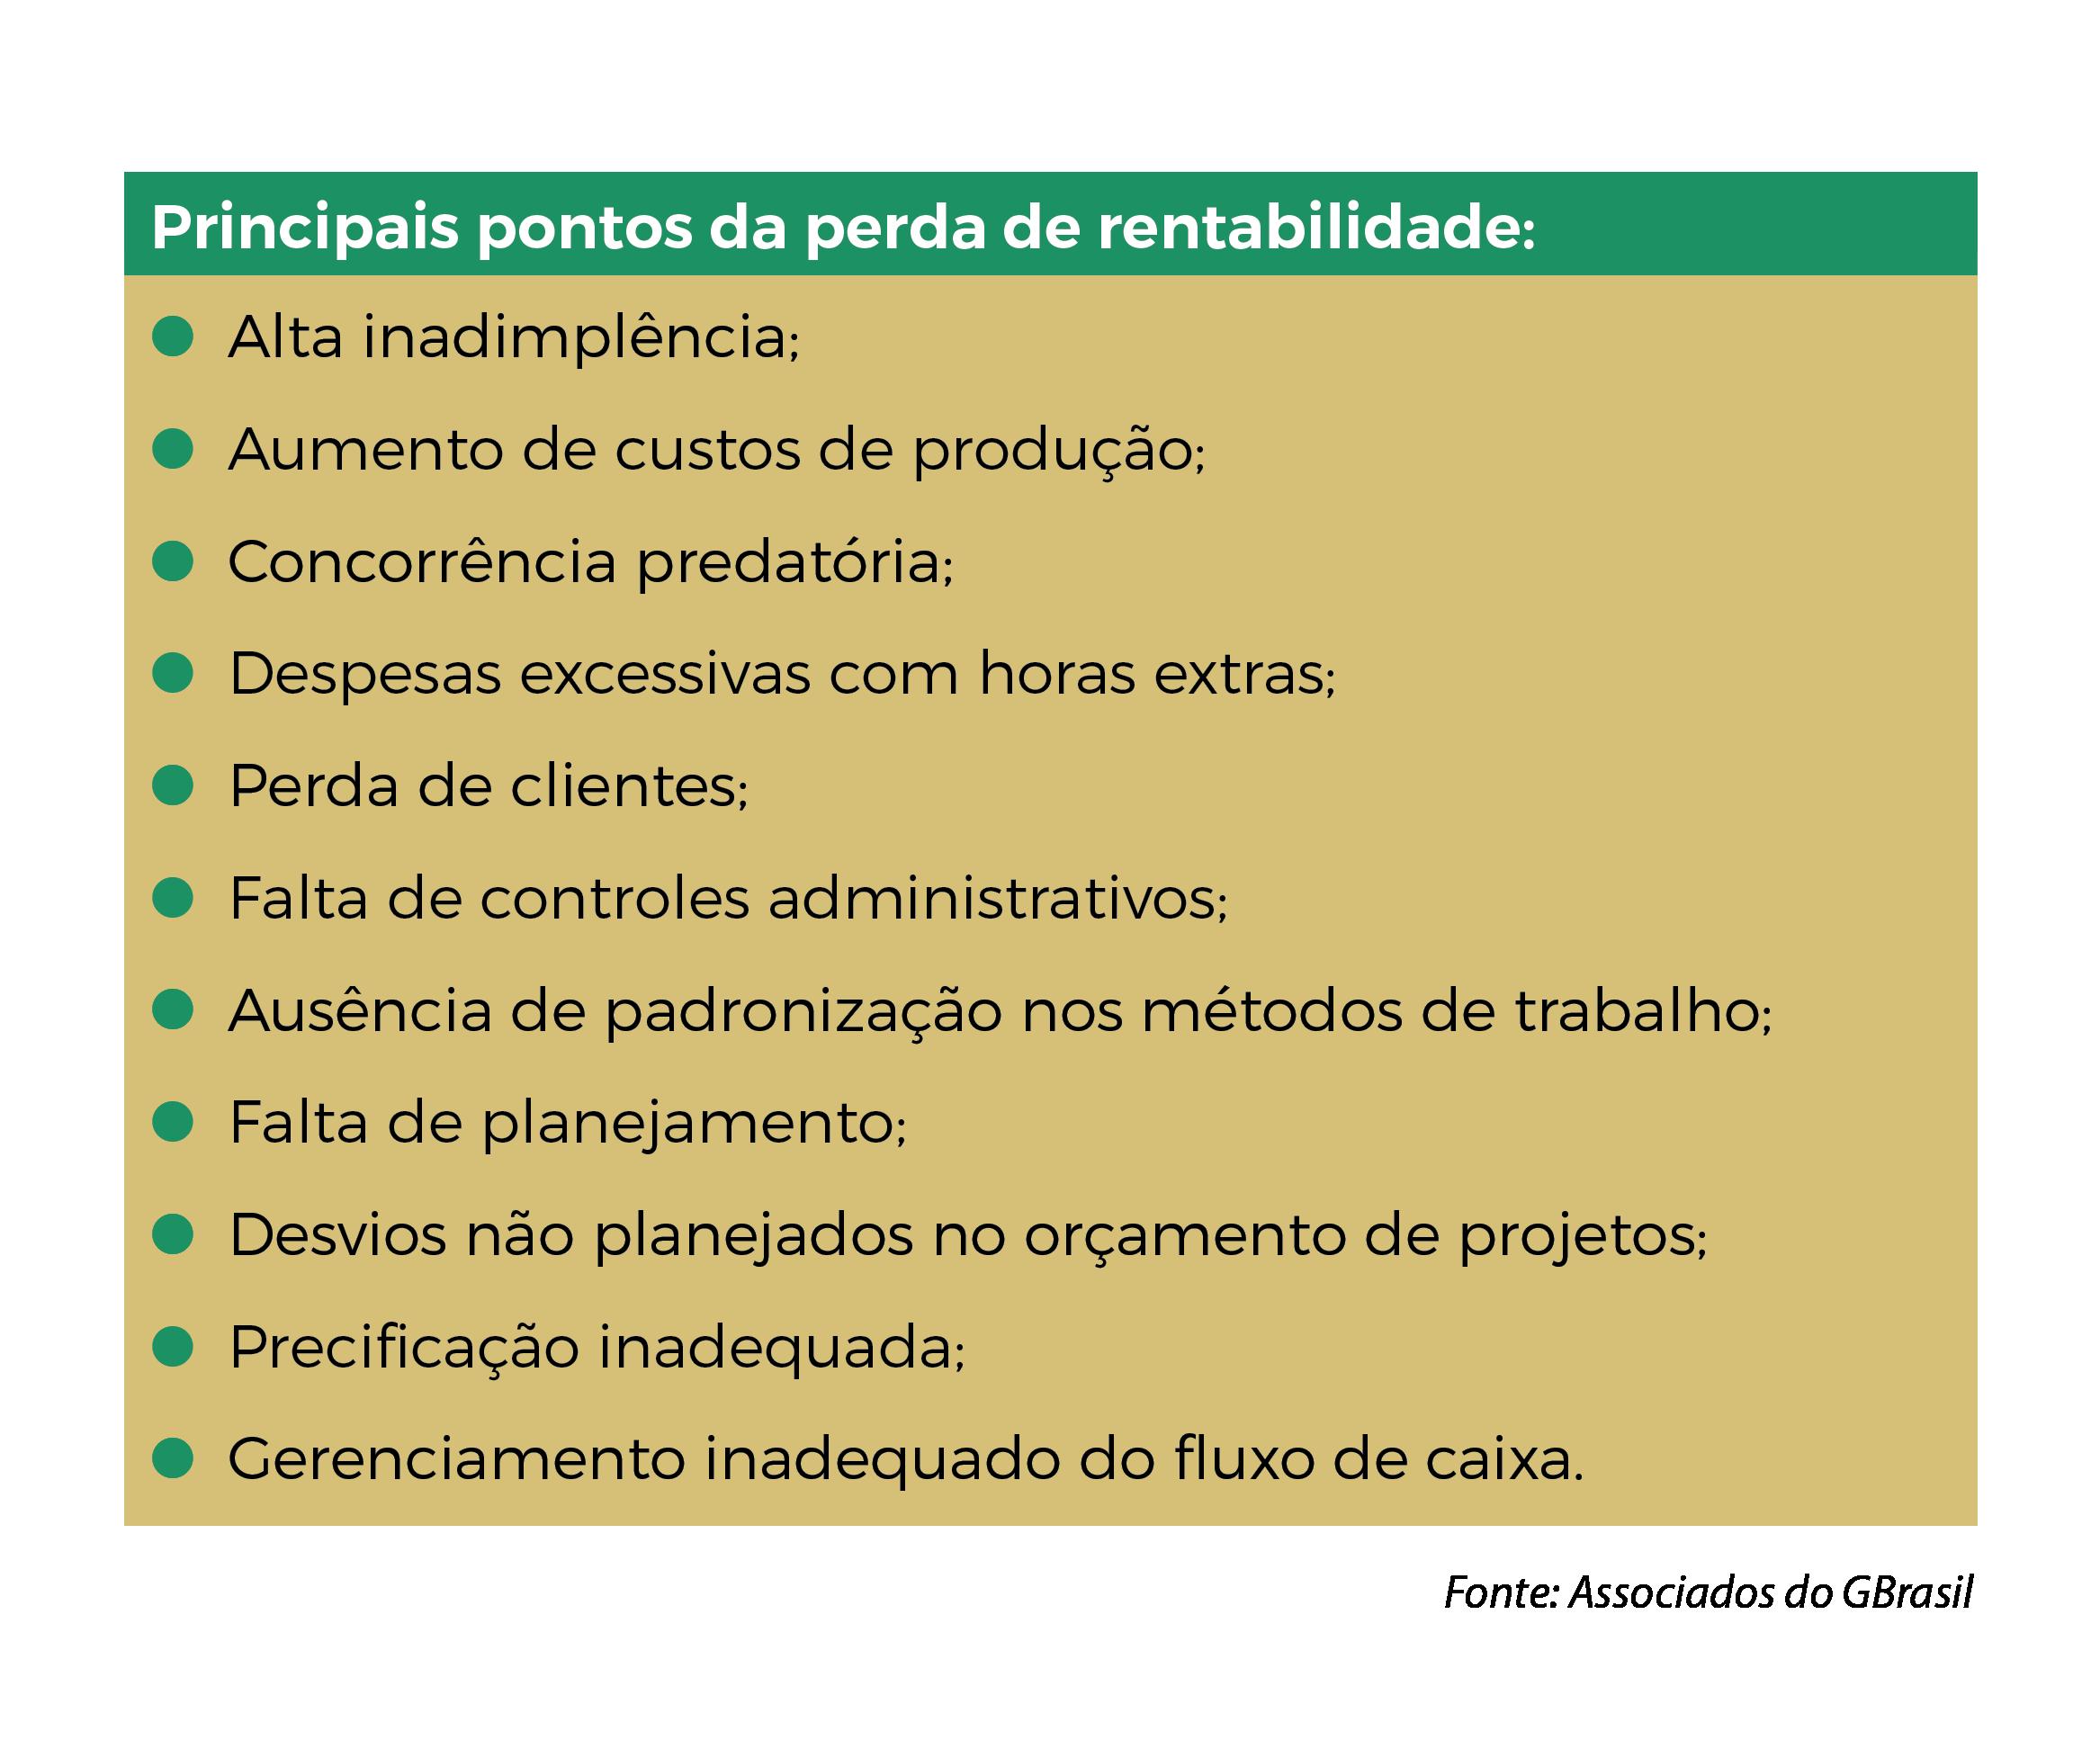 qiuadro_pontos_da_perda-01